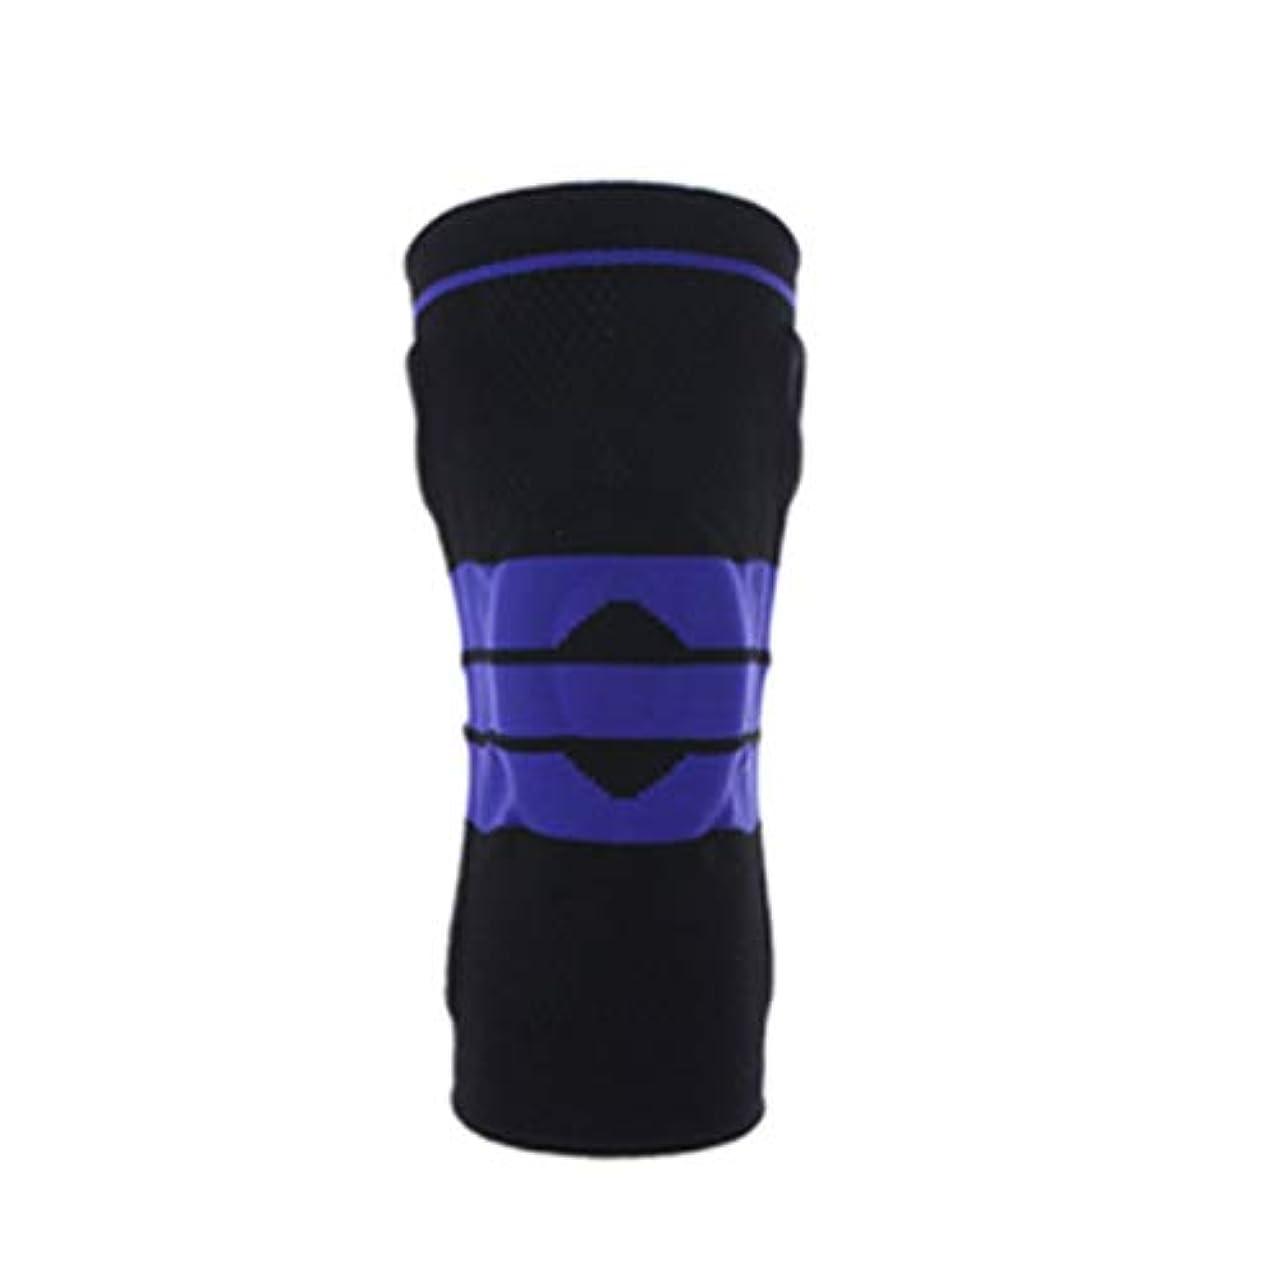 変換蓄積するウォルターカニンガム男性と女性のスポーツ膝パッドシリコーンスプリングニット膝パッドバスケットボール-Rustle666